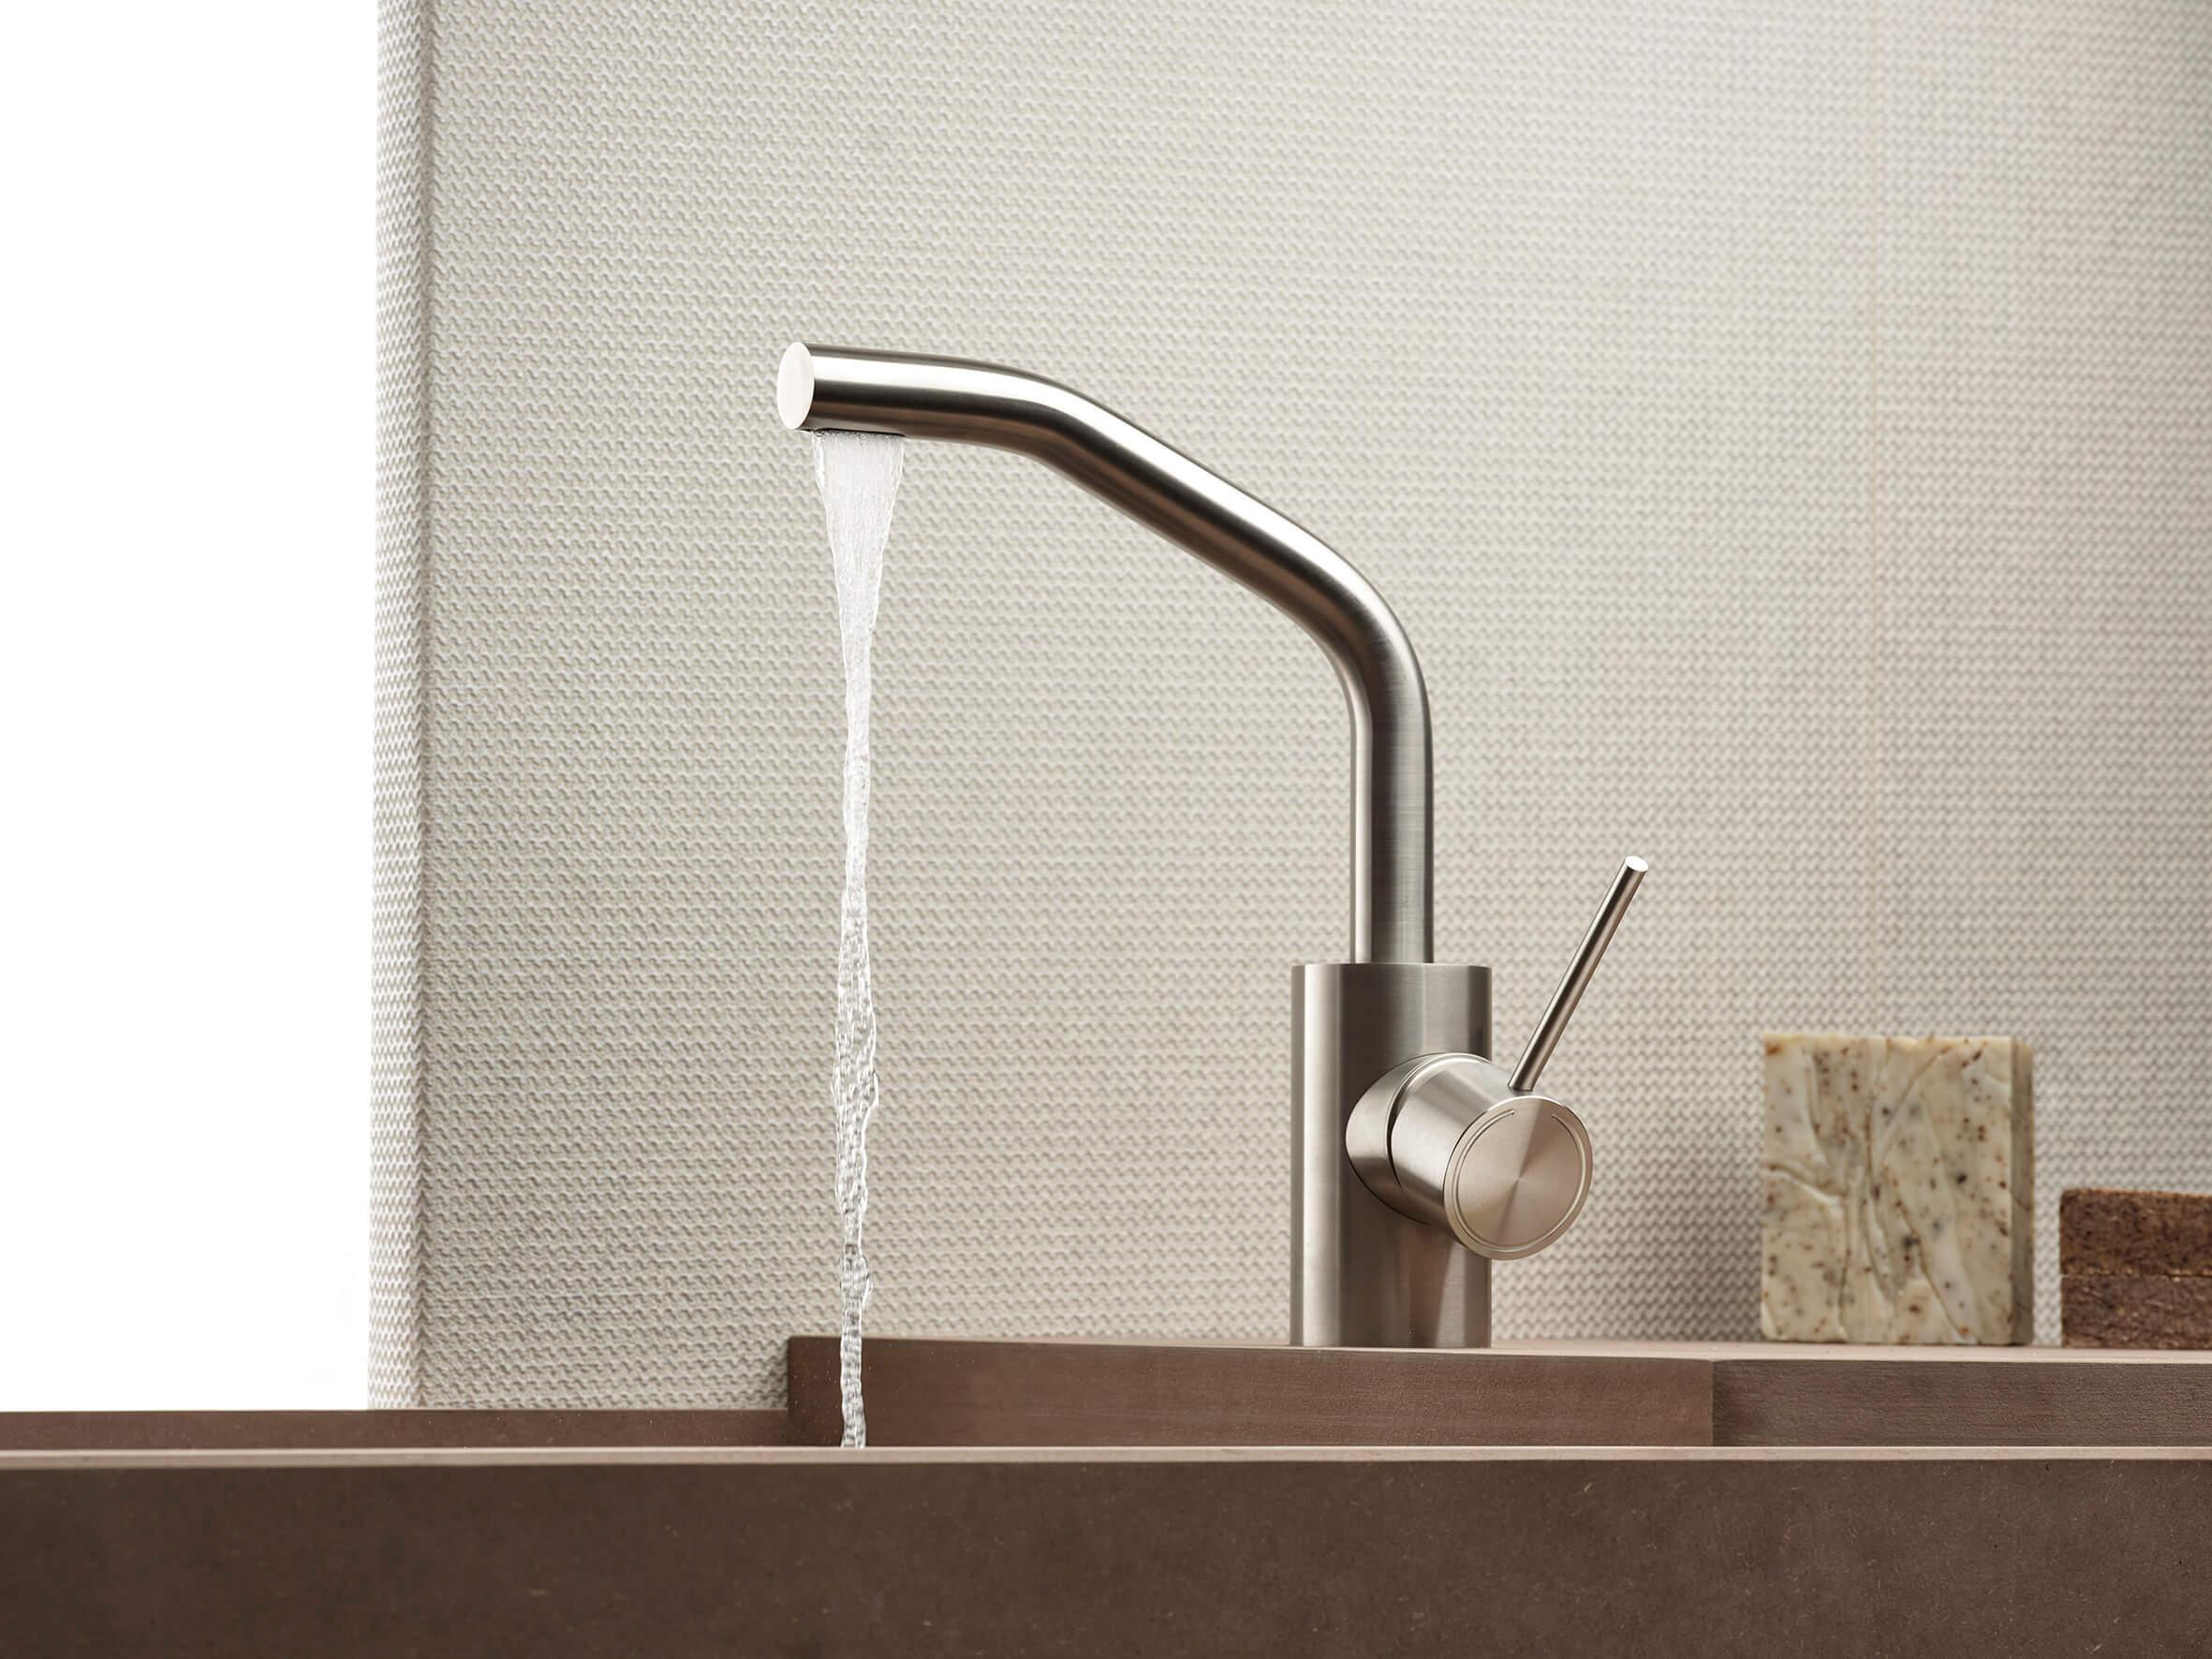 Corsivo è la nuova serie di rubinetteria Mina in acciaio inox